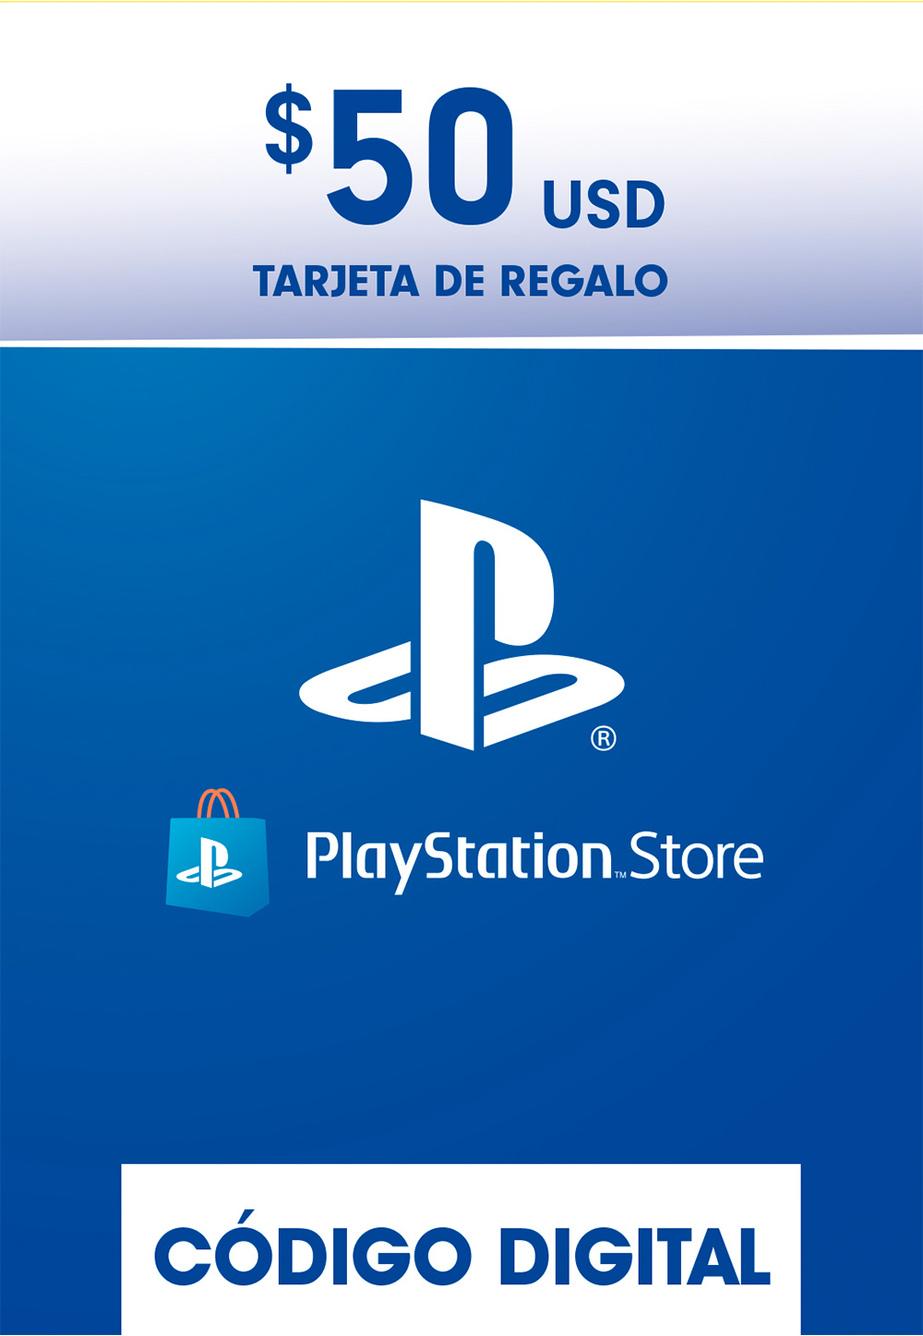 Tarjeta de Regalo PlayStation Store de 50 Dolares